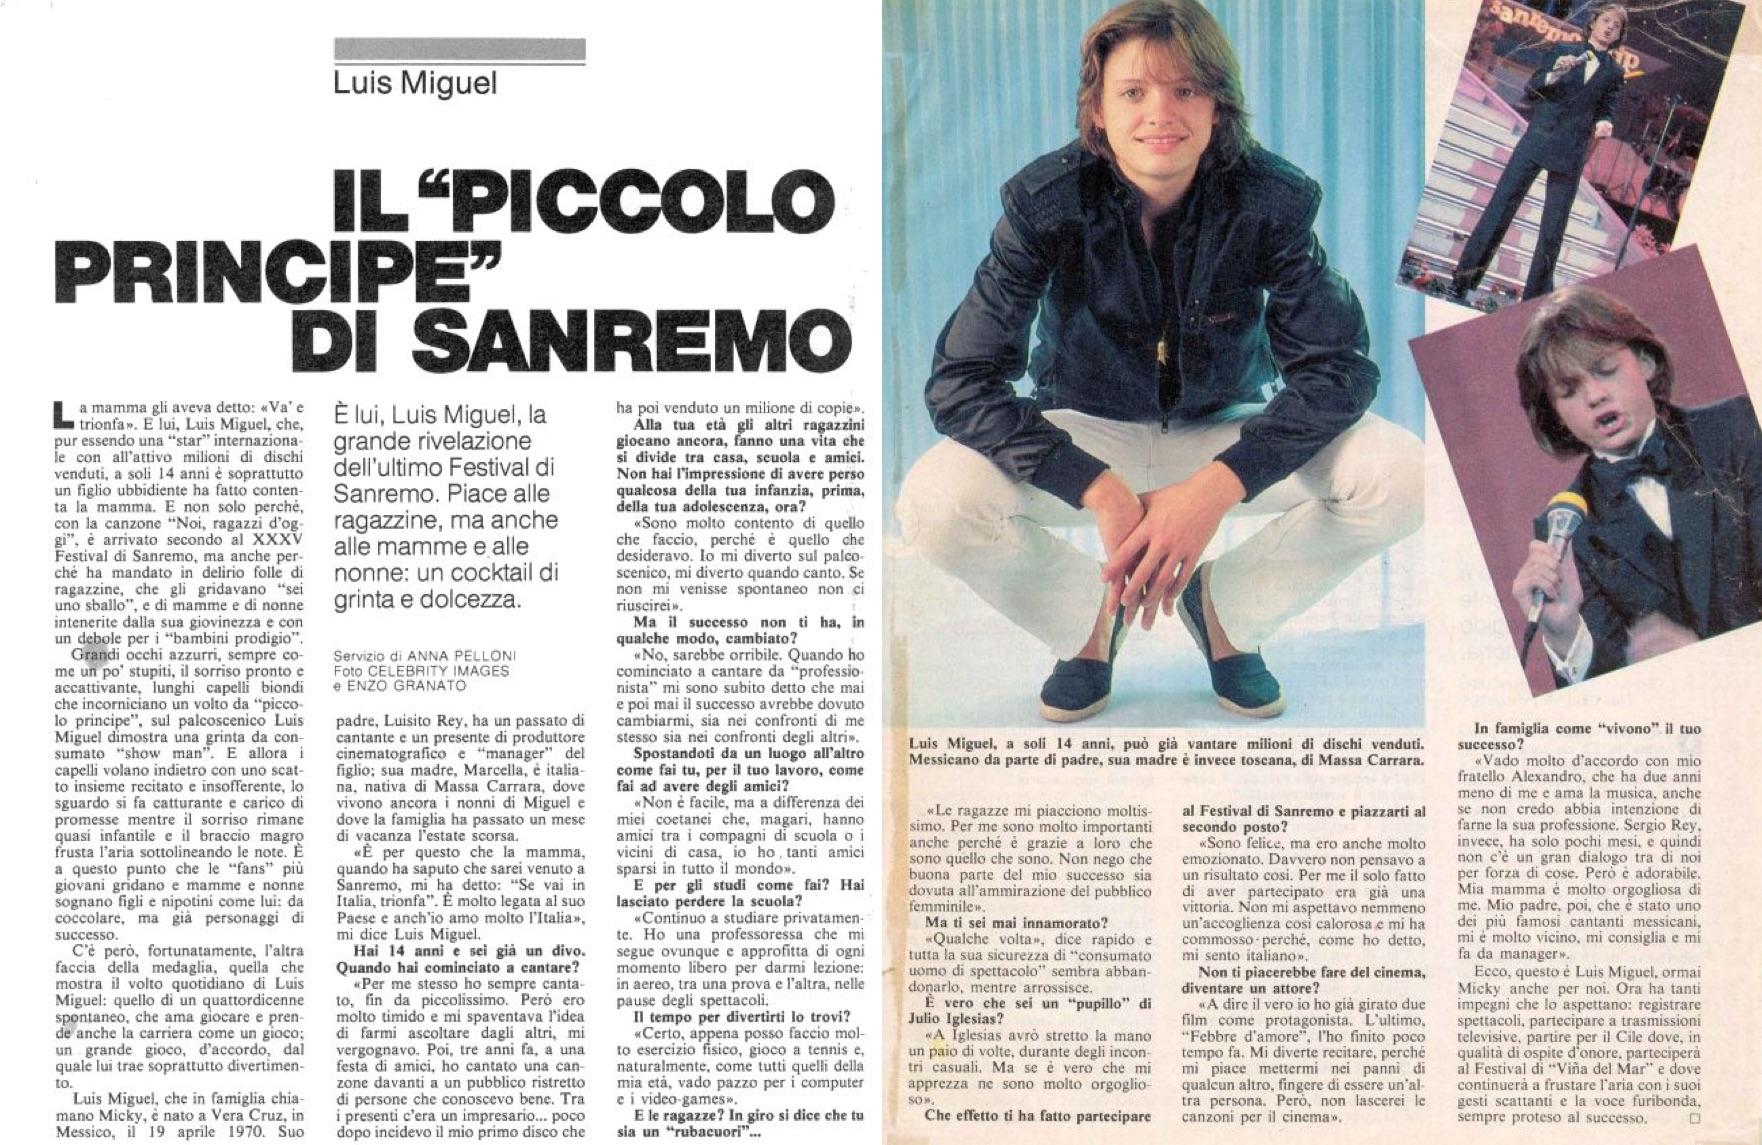 """Luis Miguel en un artículo titulado """"El principito de San Remo"""". (LuisMiguelSite.com)"""